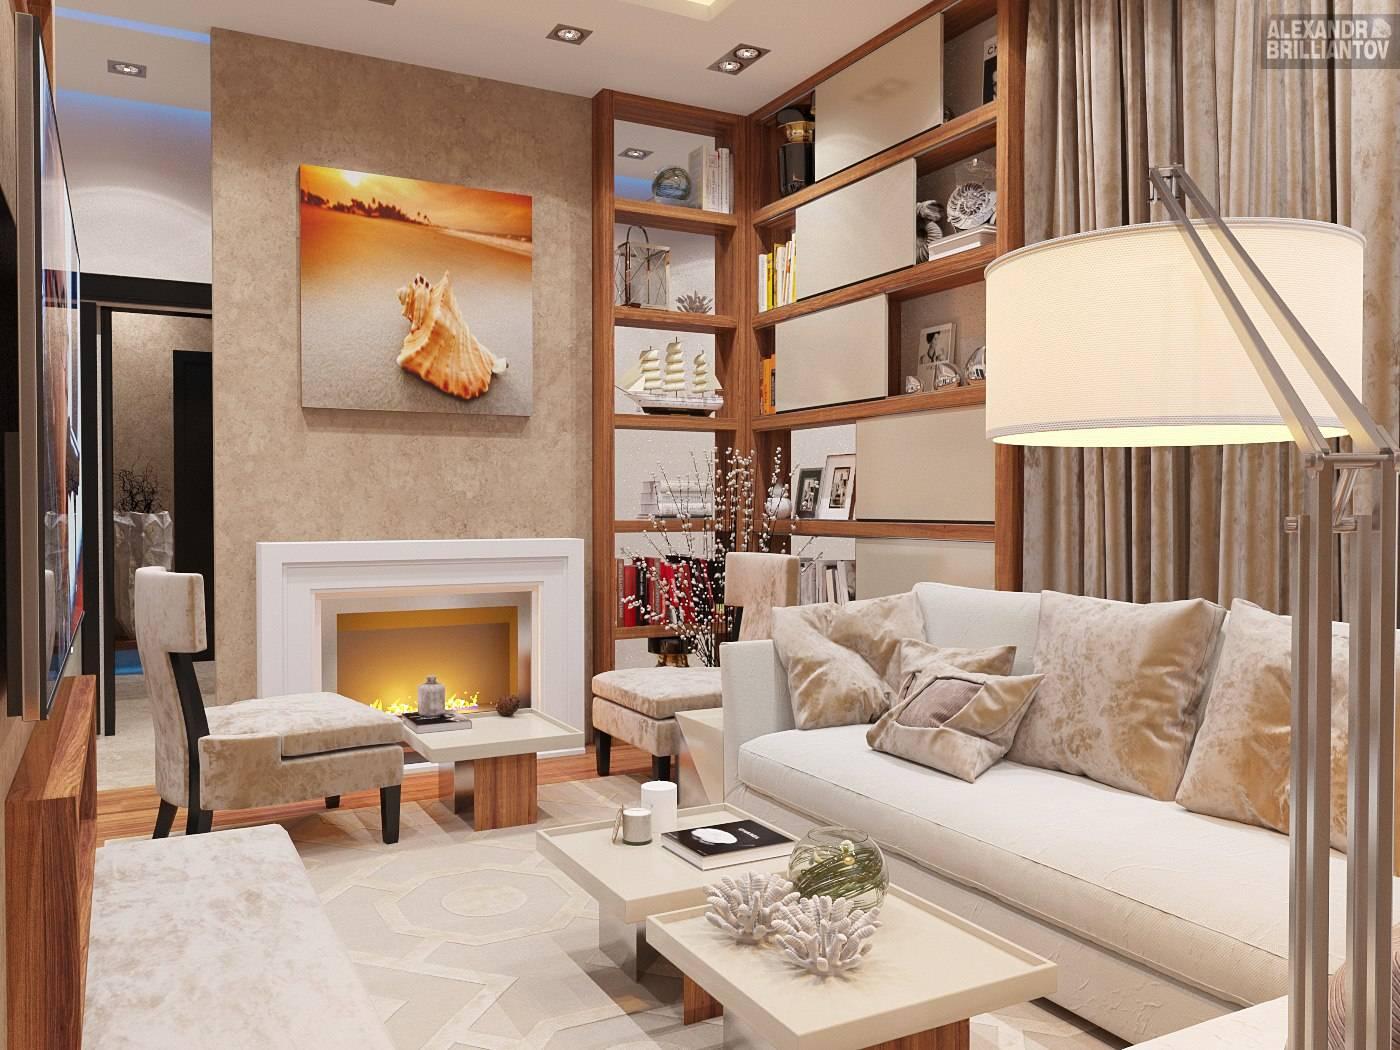 Гостиная фото дизайна интерьера